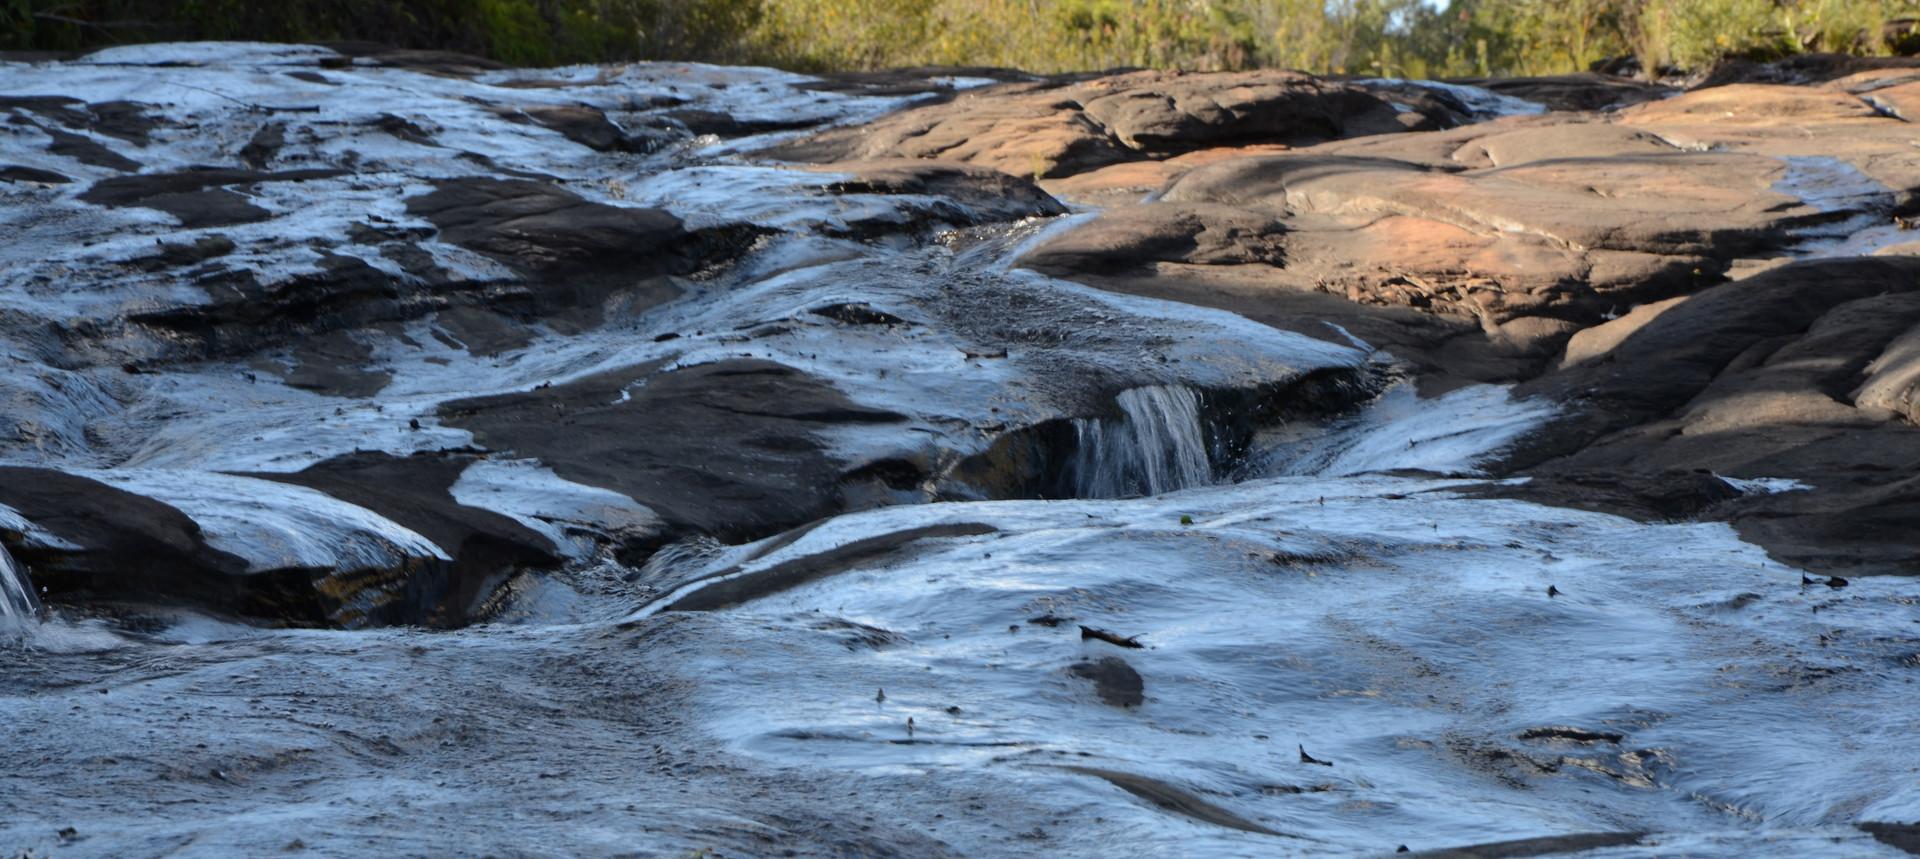 Cachoeira Tira Prosa